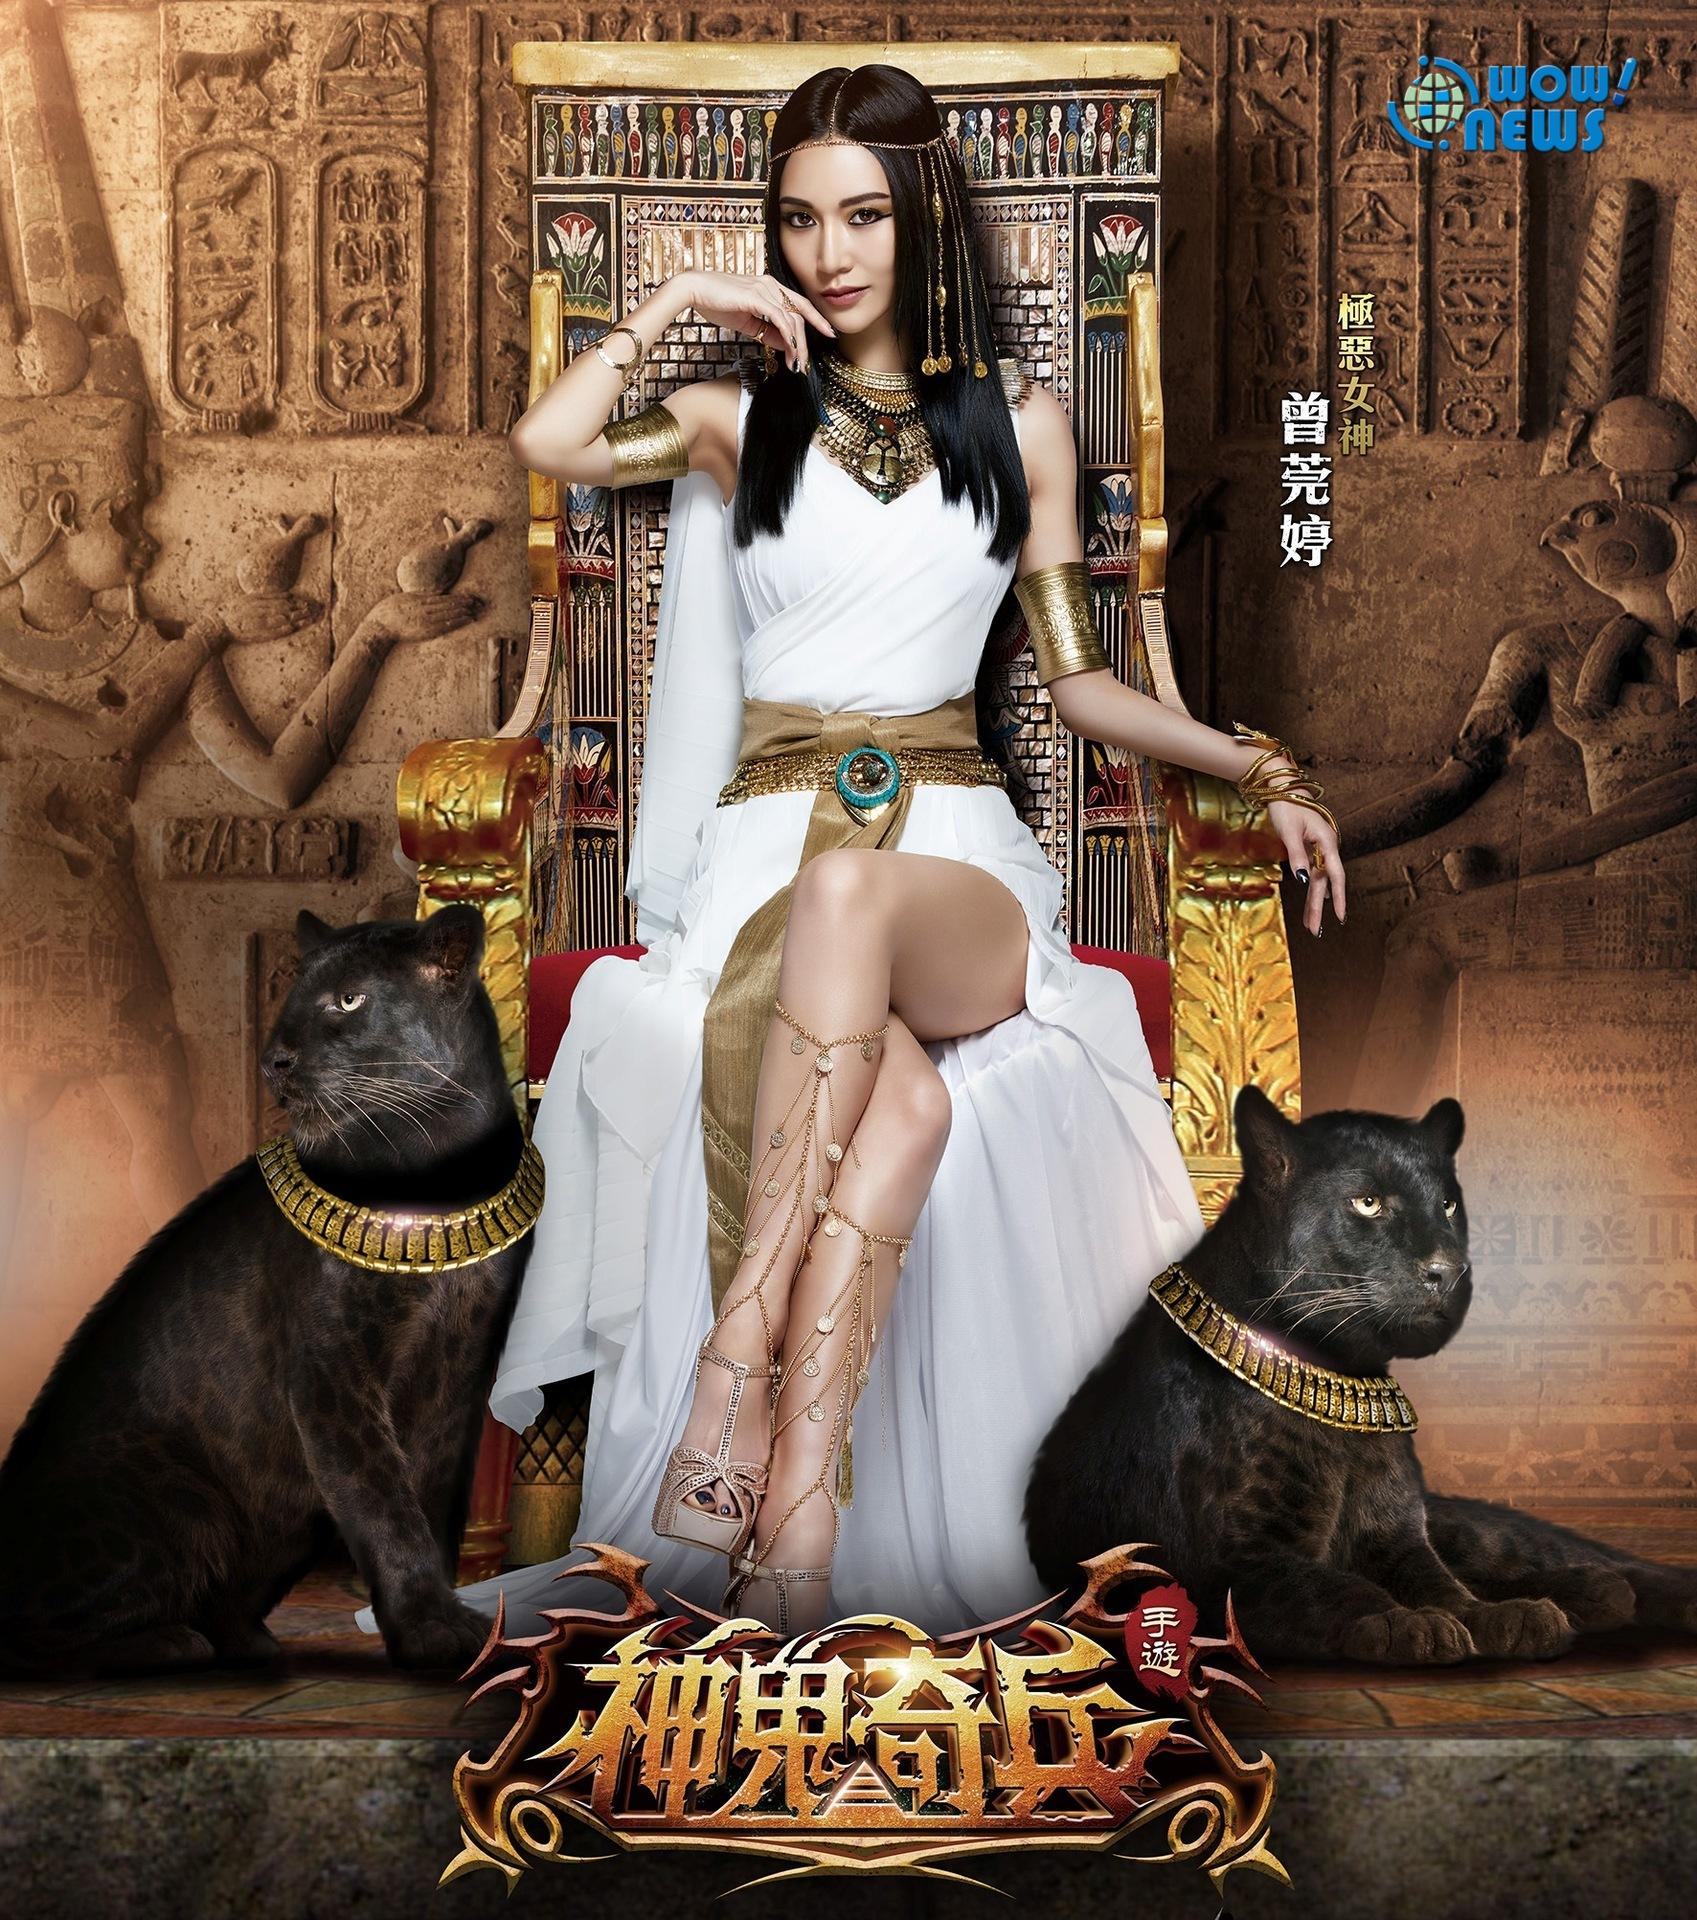 本土劇女神「曾莞婷」代言手遊化身埃及風極惡女神 大秀神級美腿